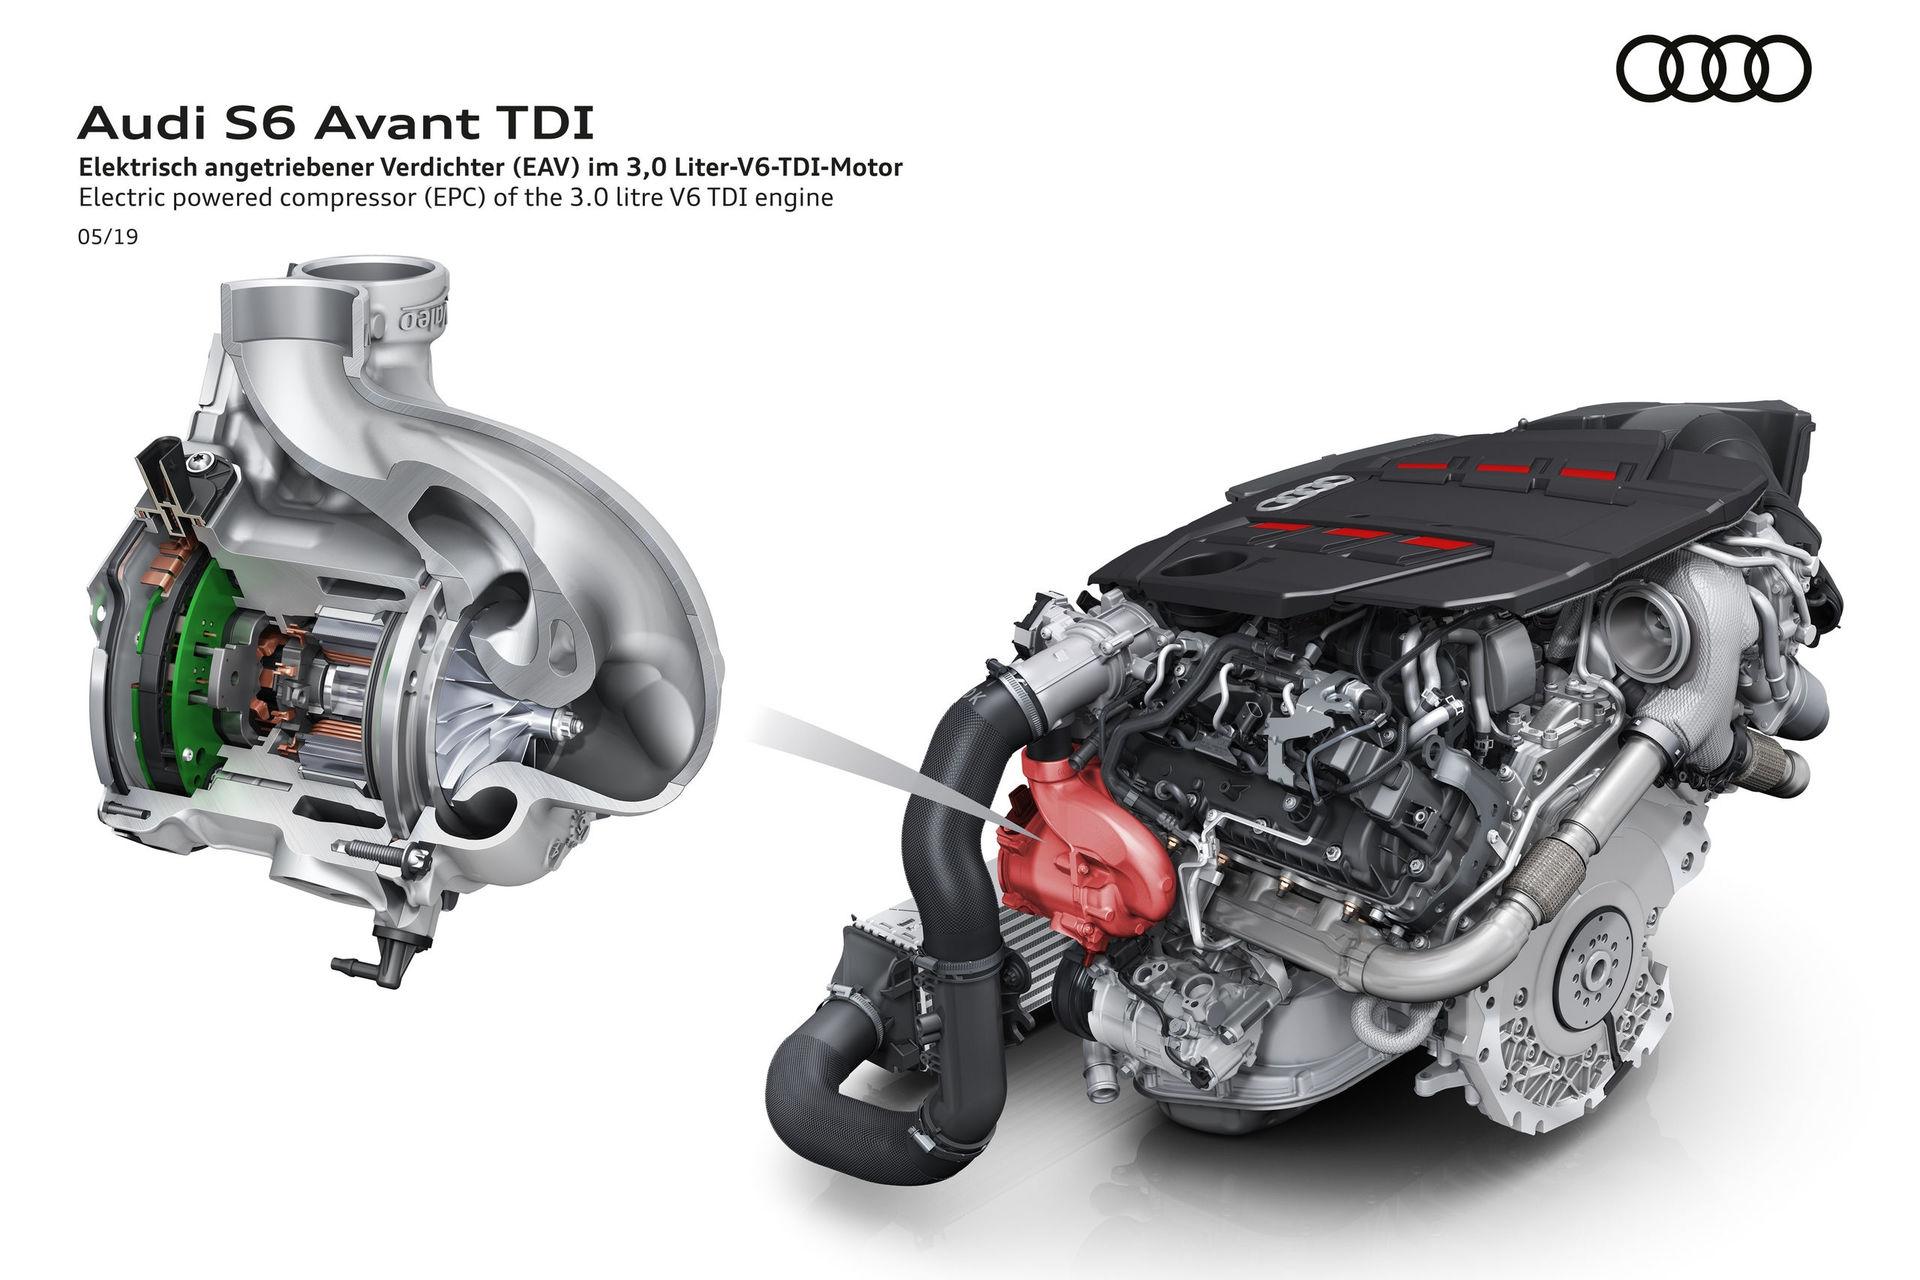 Pohonná jednotka od Audi s elektricky poháněným turbodmychadlem